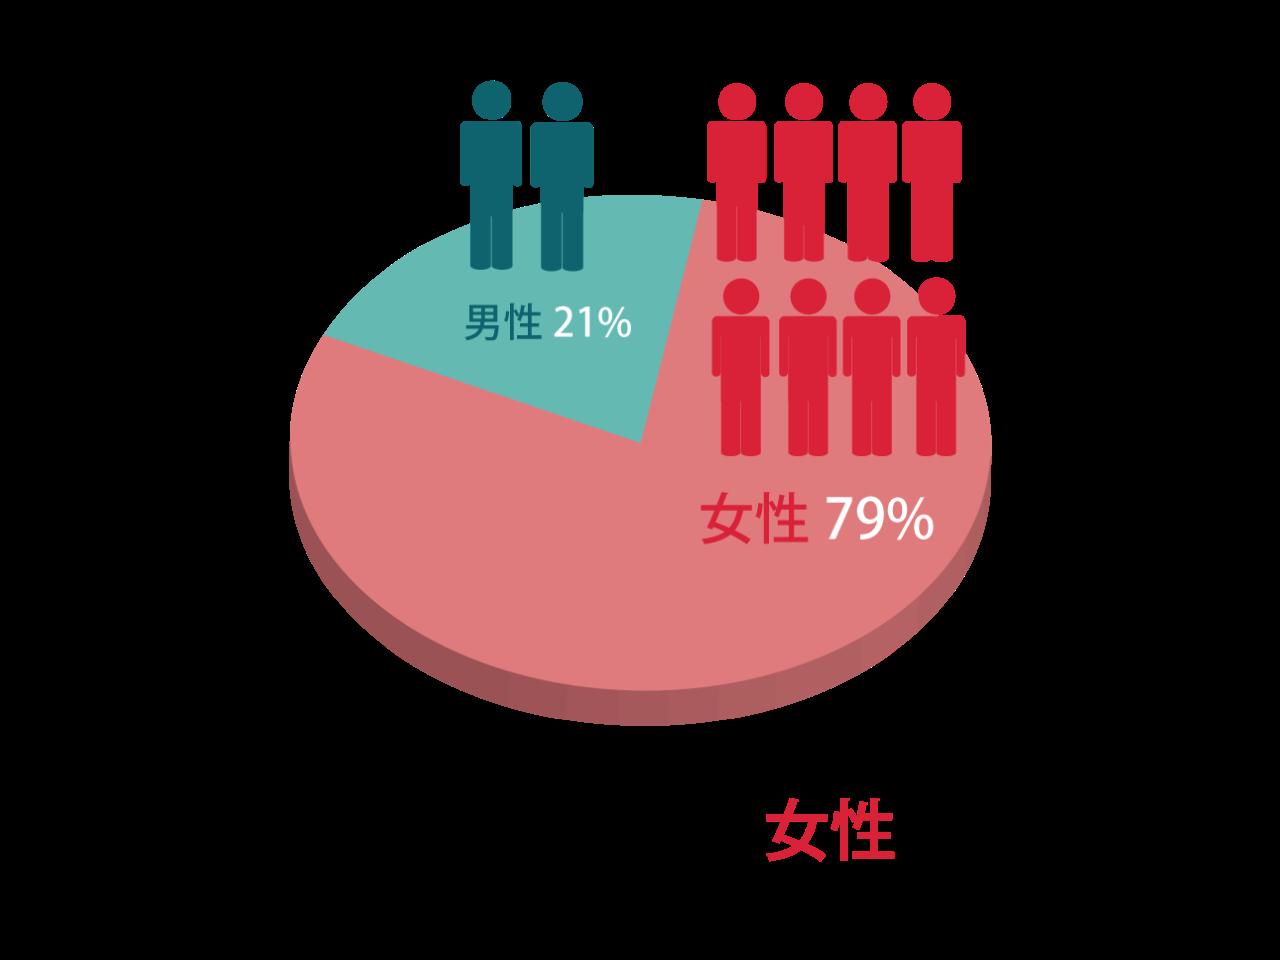 男女比率(全社)は男性21%、女性79%